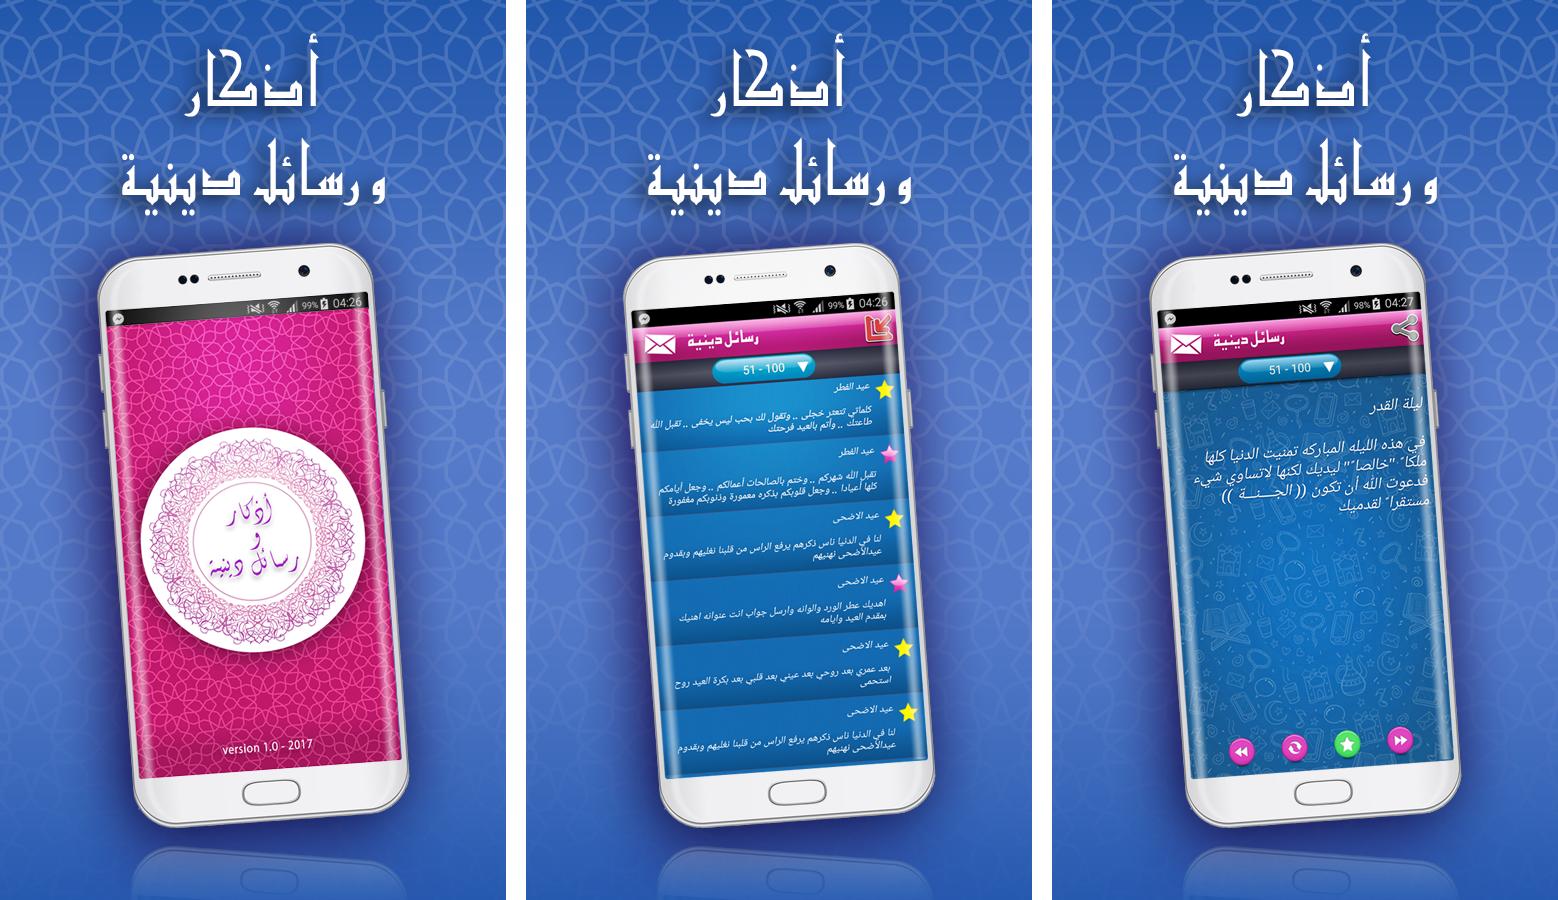 أحسن تطبيق إسلامي 51652411copie